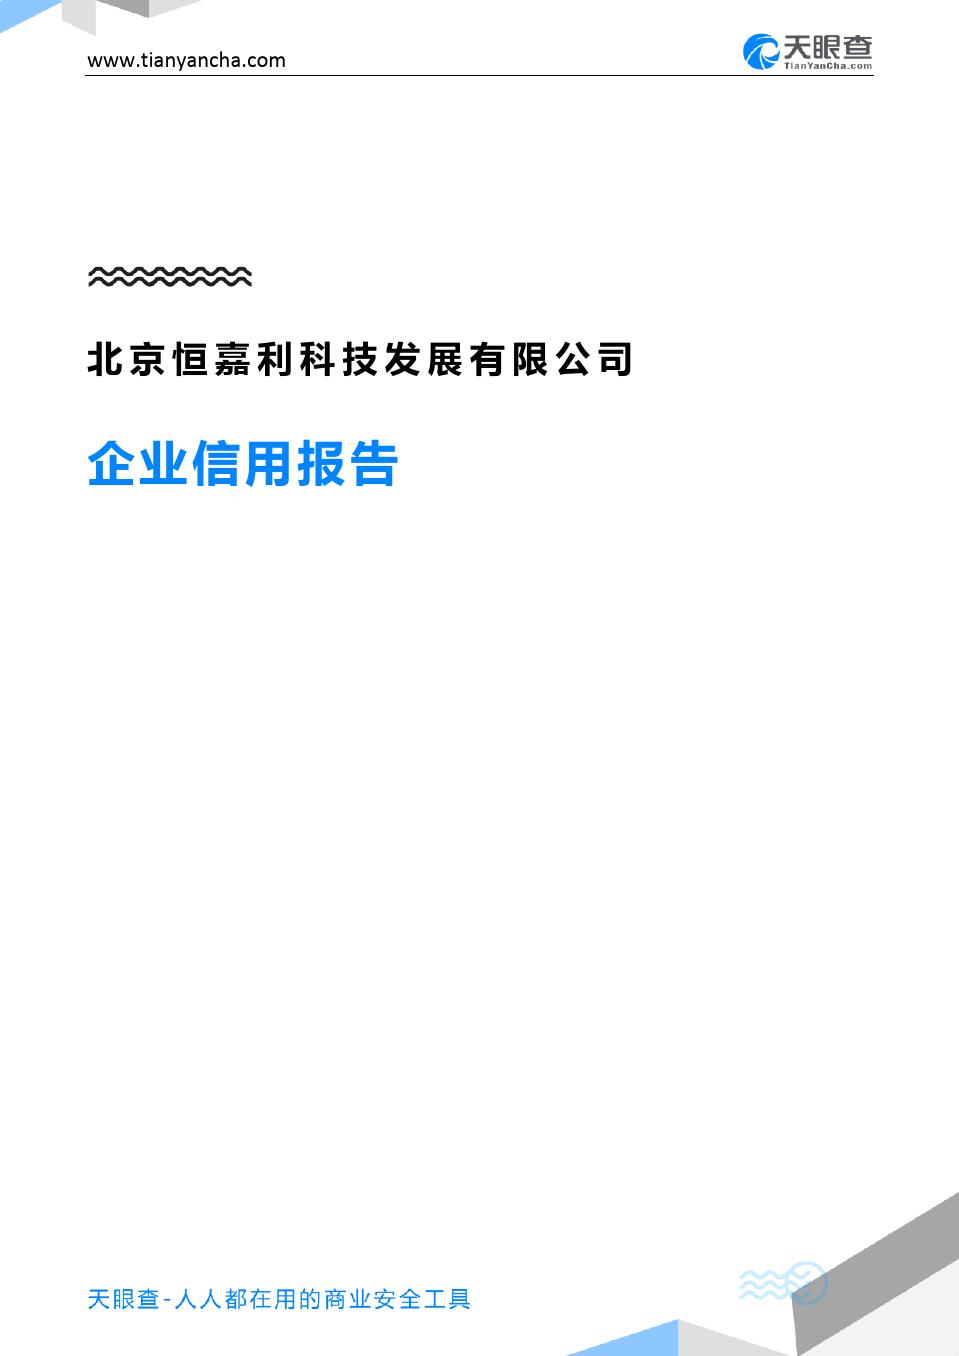 北京恒嘉利科技发展有限公司(企业信用报告)- 天眼查